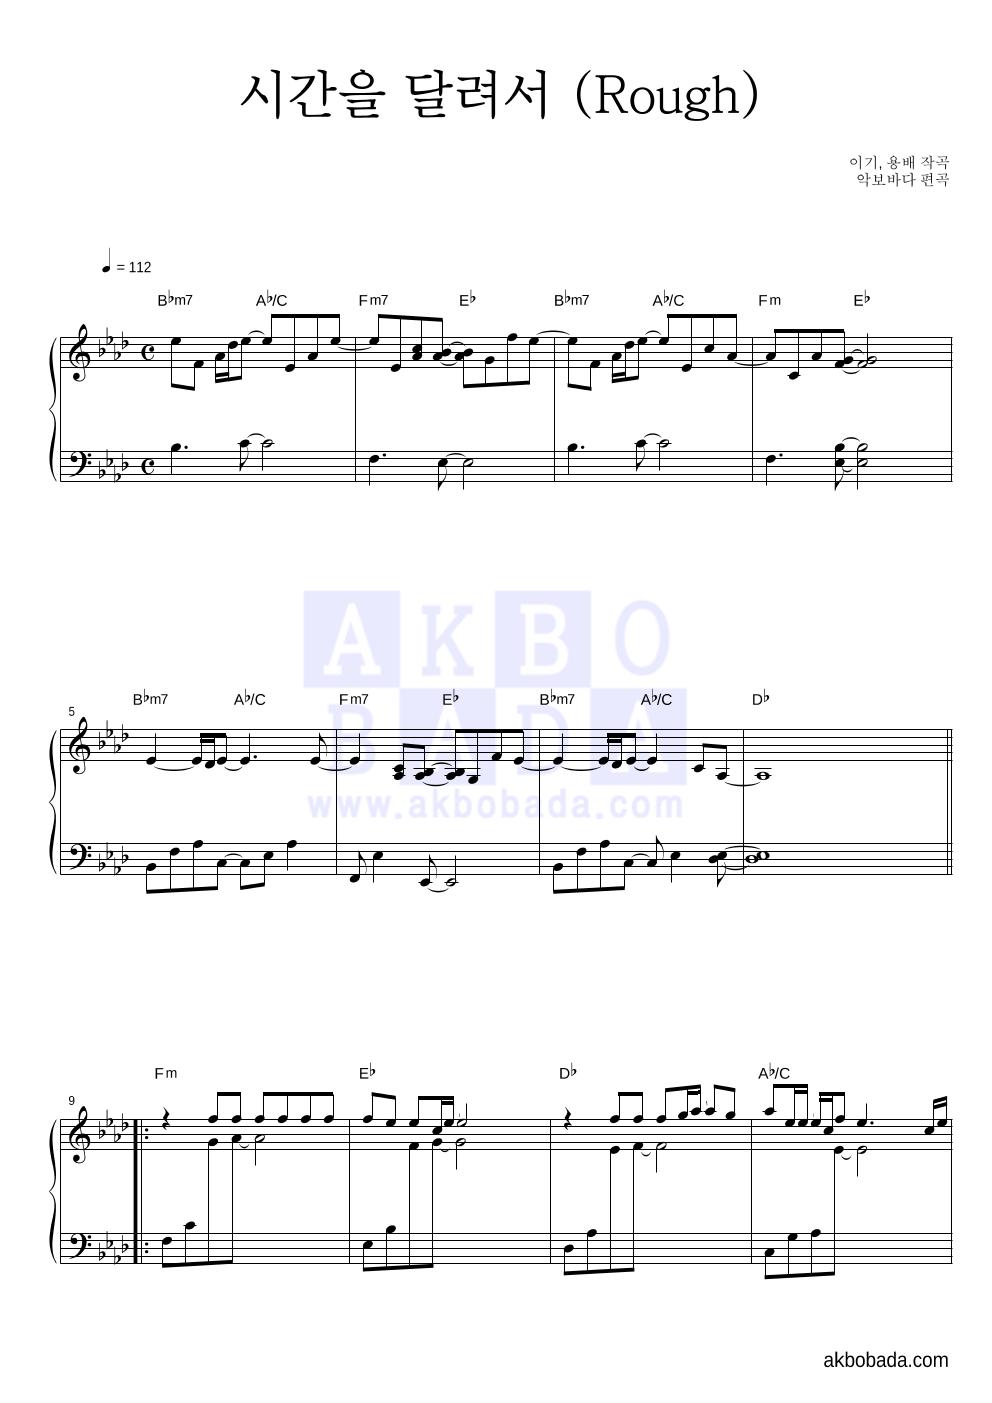 여자친구 - 시간을 달려서 (Rough) 피아노 마스터 악보